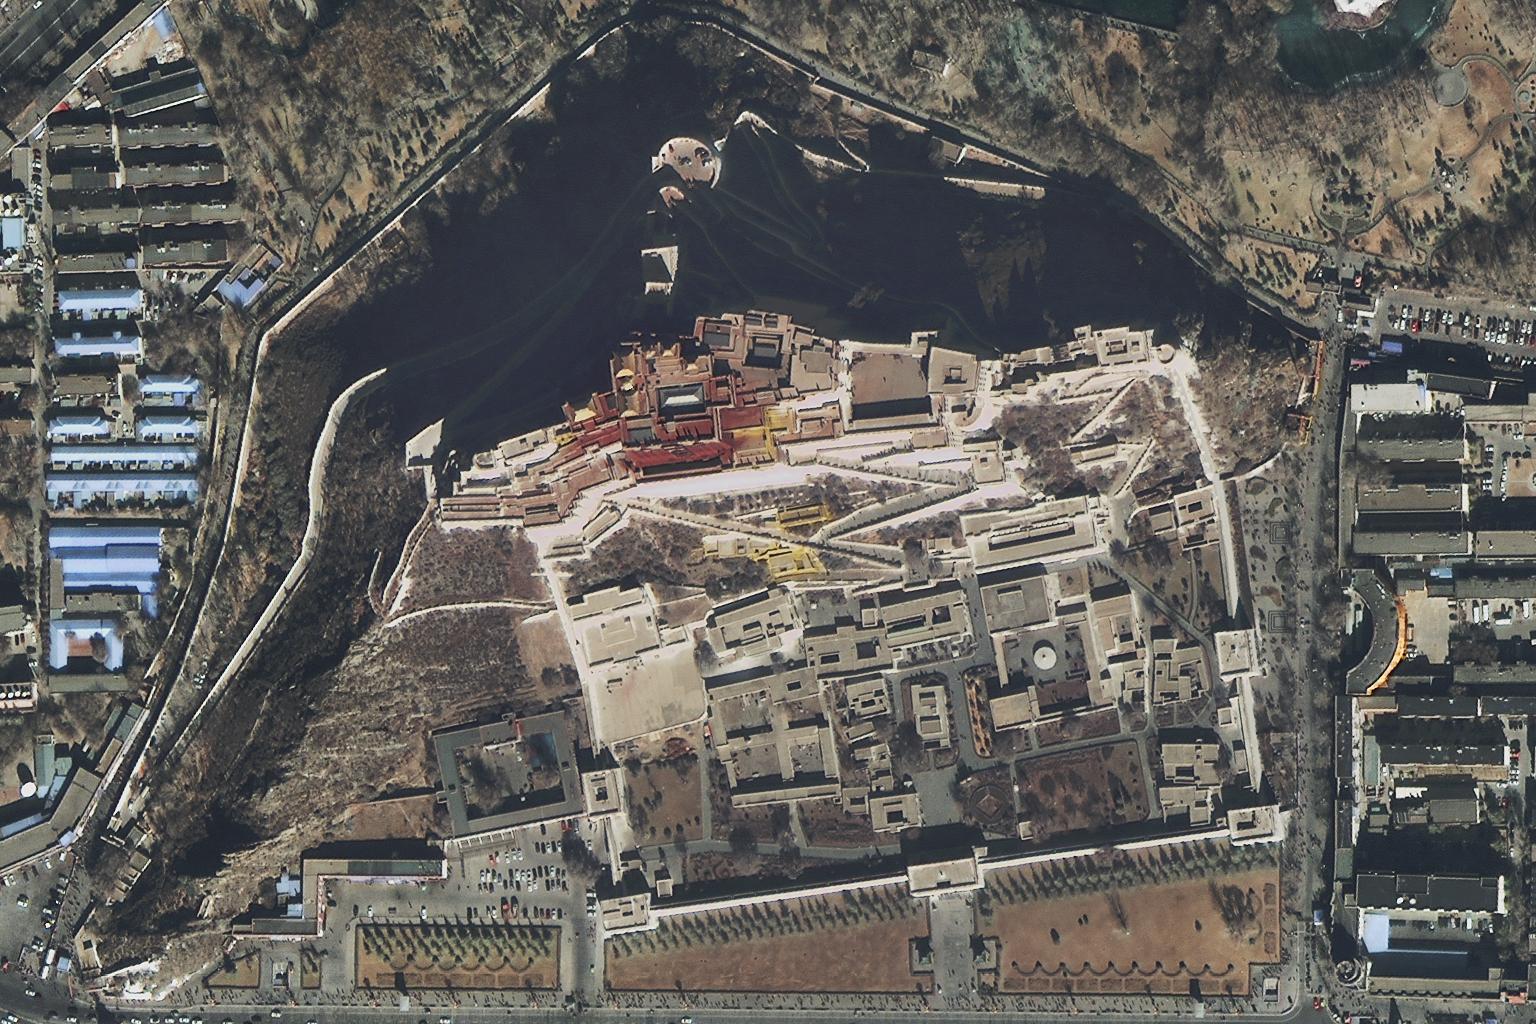 高景一號獲得的布達拉宮景區圖像。(四維測繪供圖)